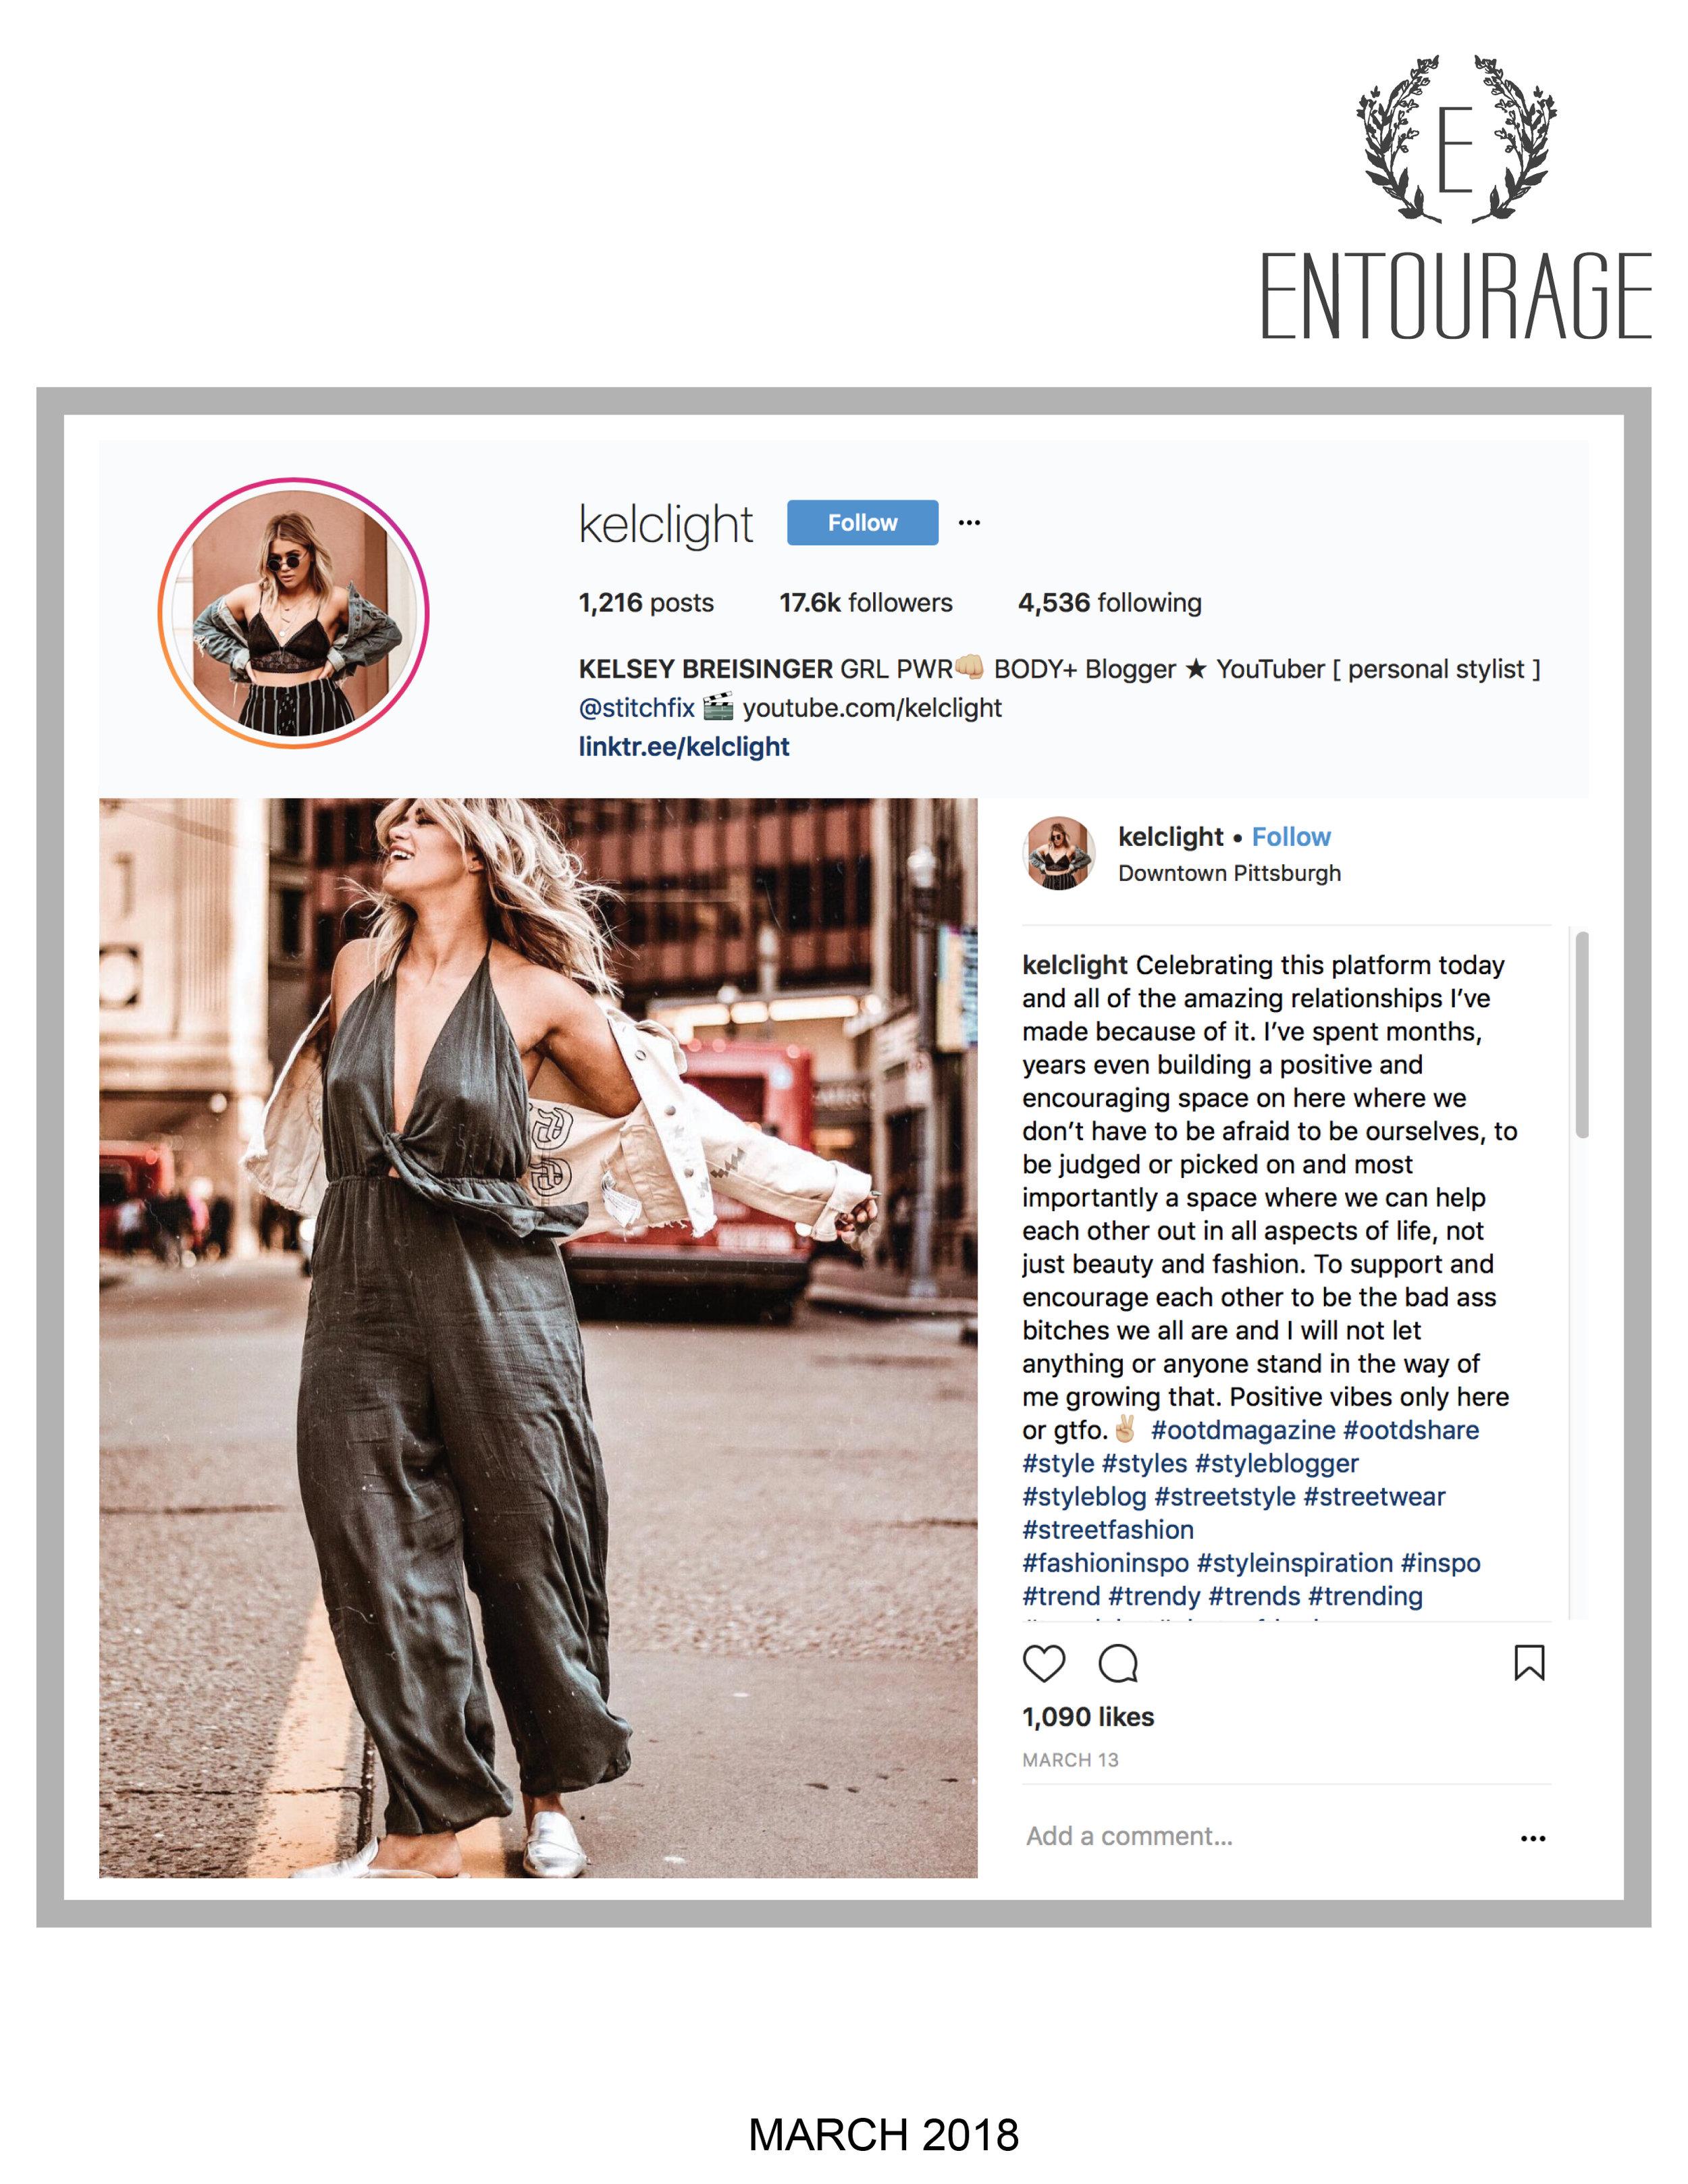 Entourage_KelseyBreisinger1_March2018.jpg